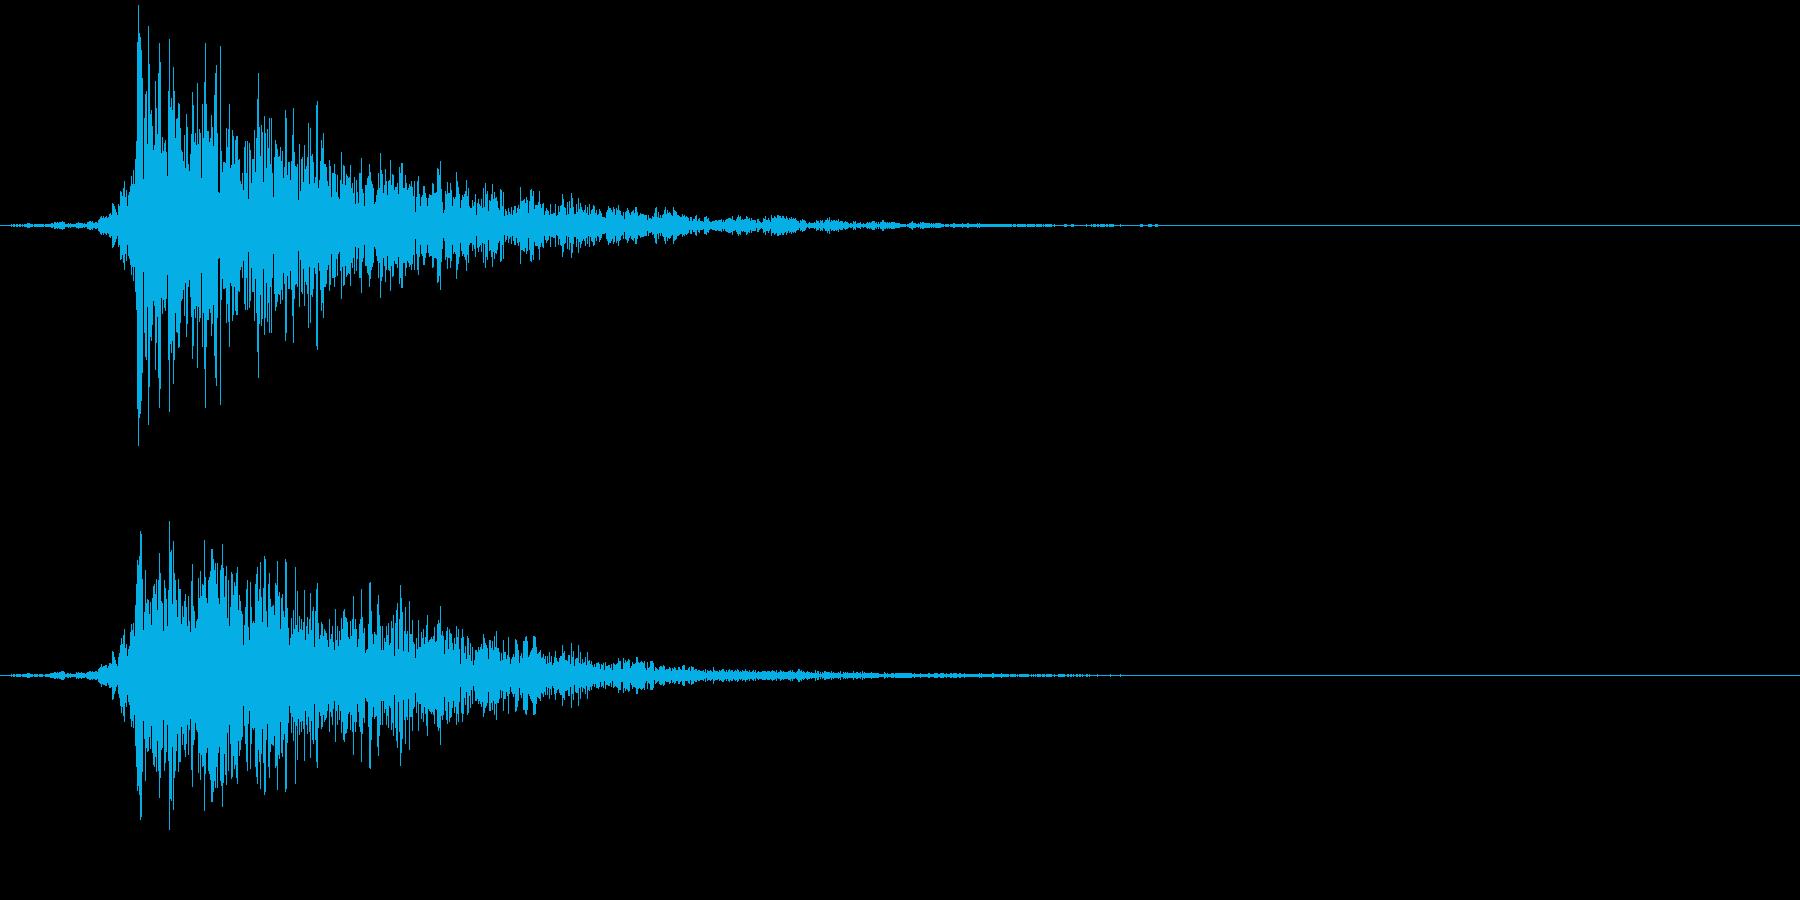 【エピック】映画_02 ヒュンッ!ドンッの再生済みの波形